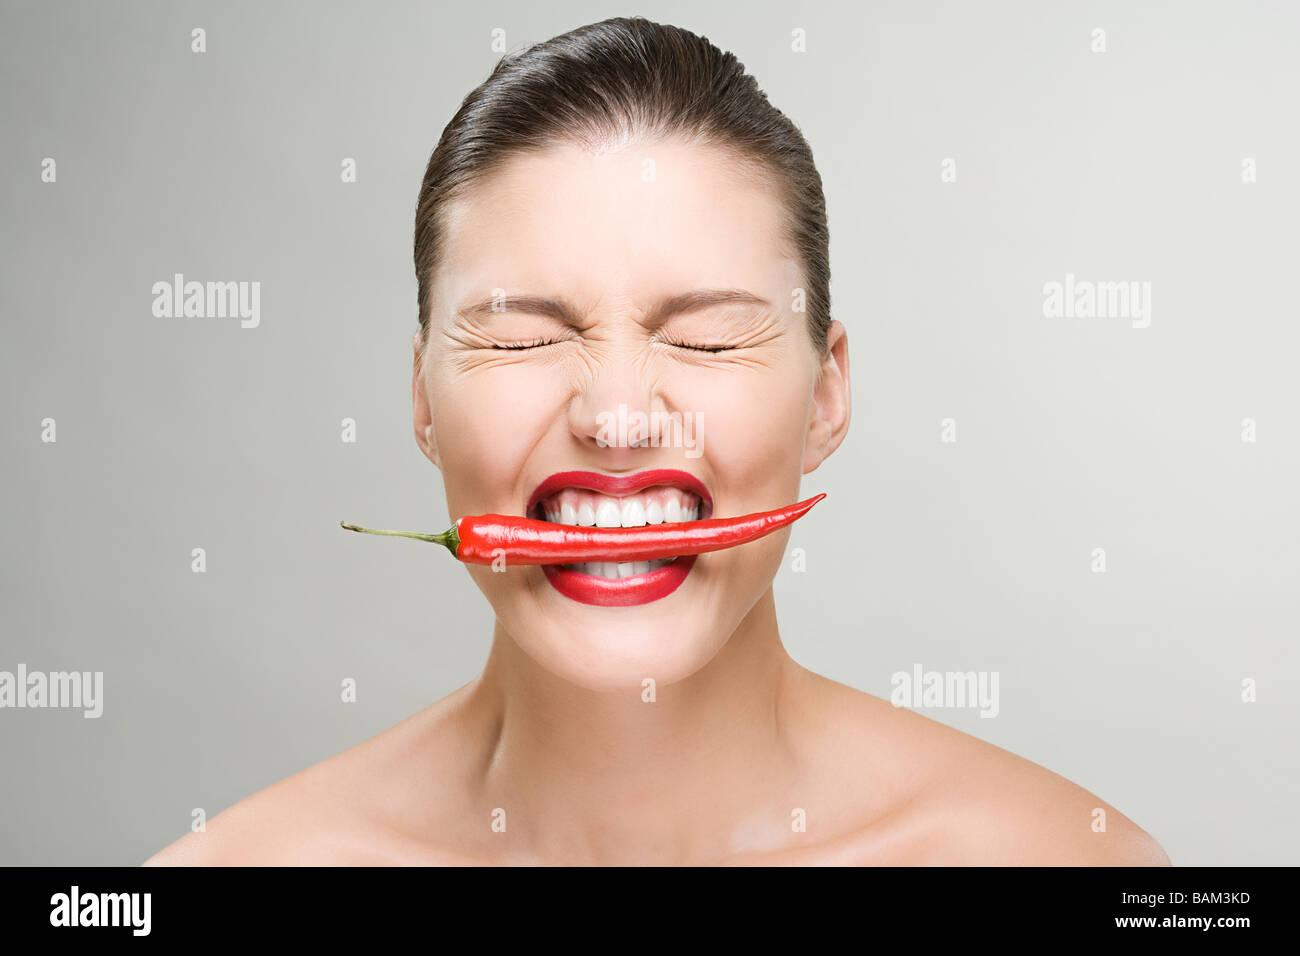 Mujer con un pimiento rojo en su boca Imagen De Stock